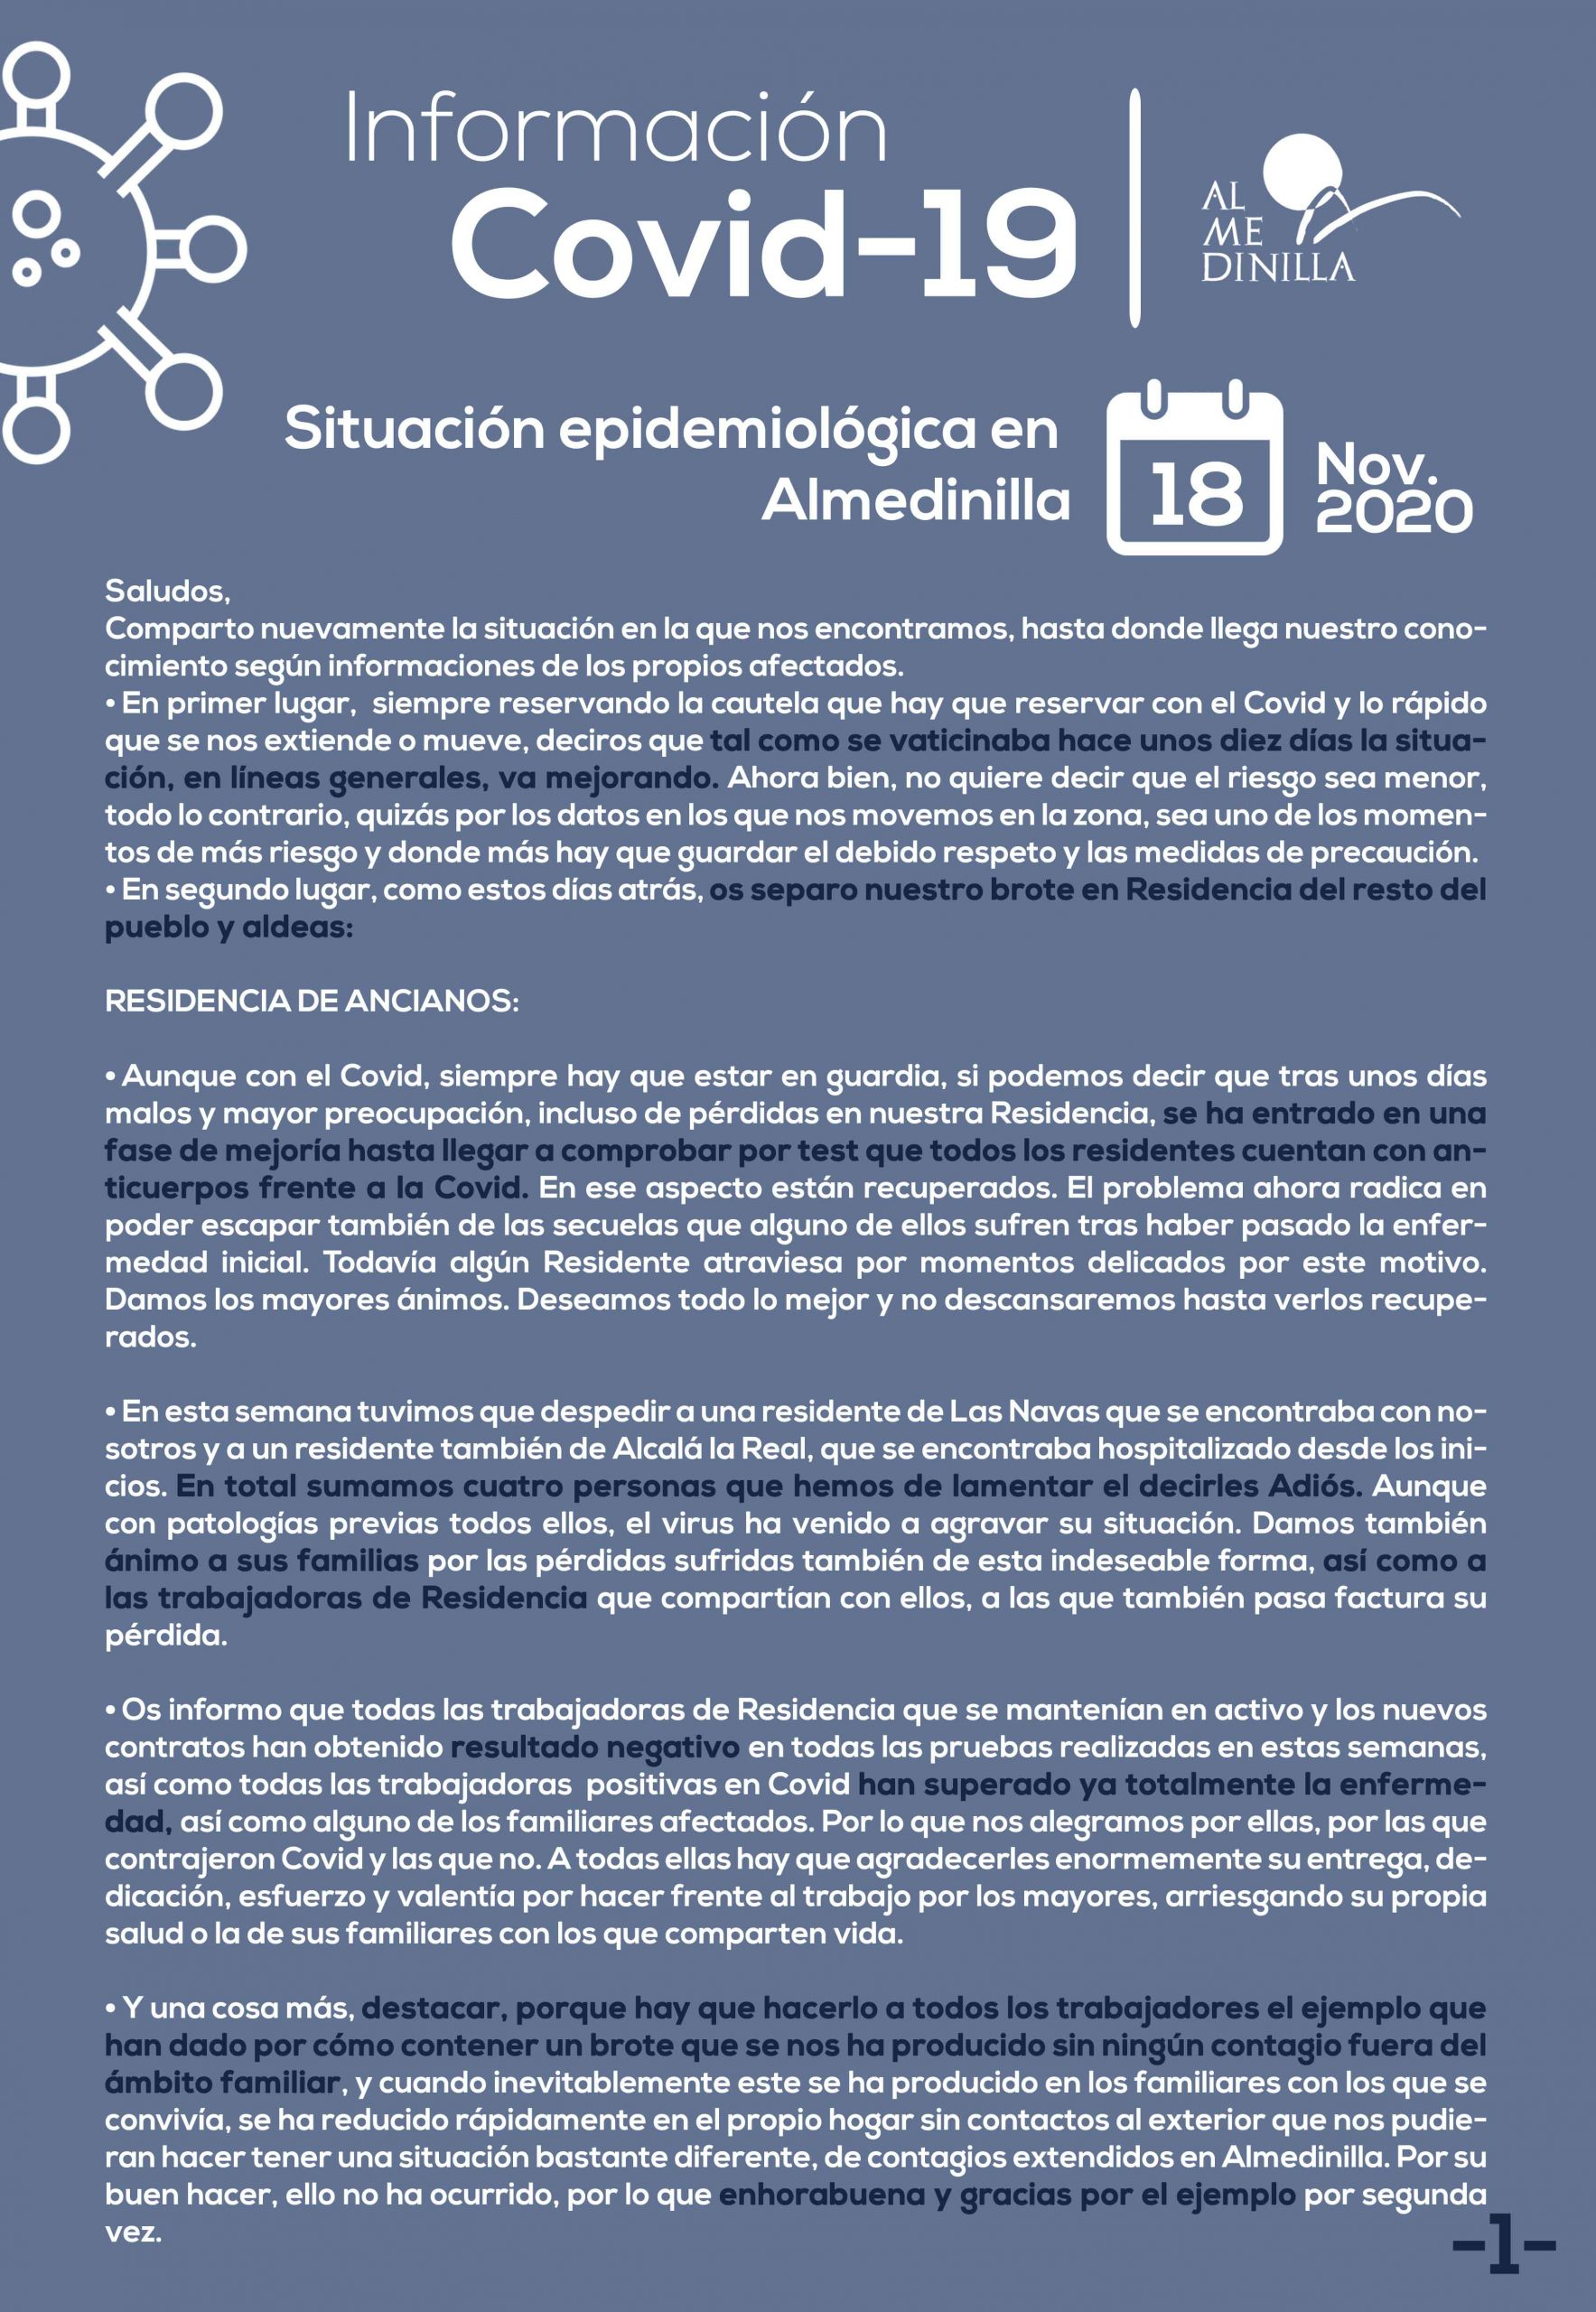 Situación epidemiológica de Almedinilla a 18 de noviembre 2020 1